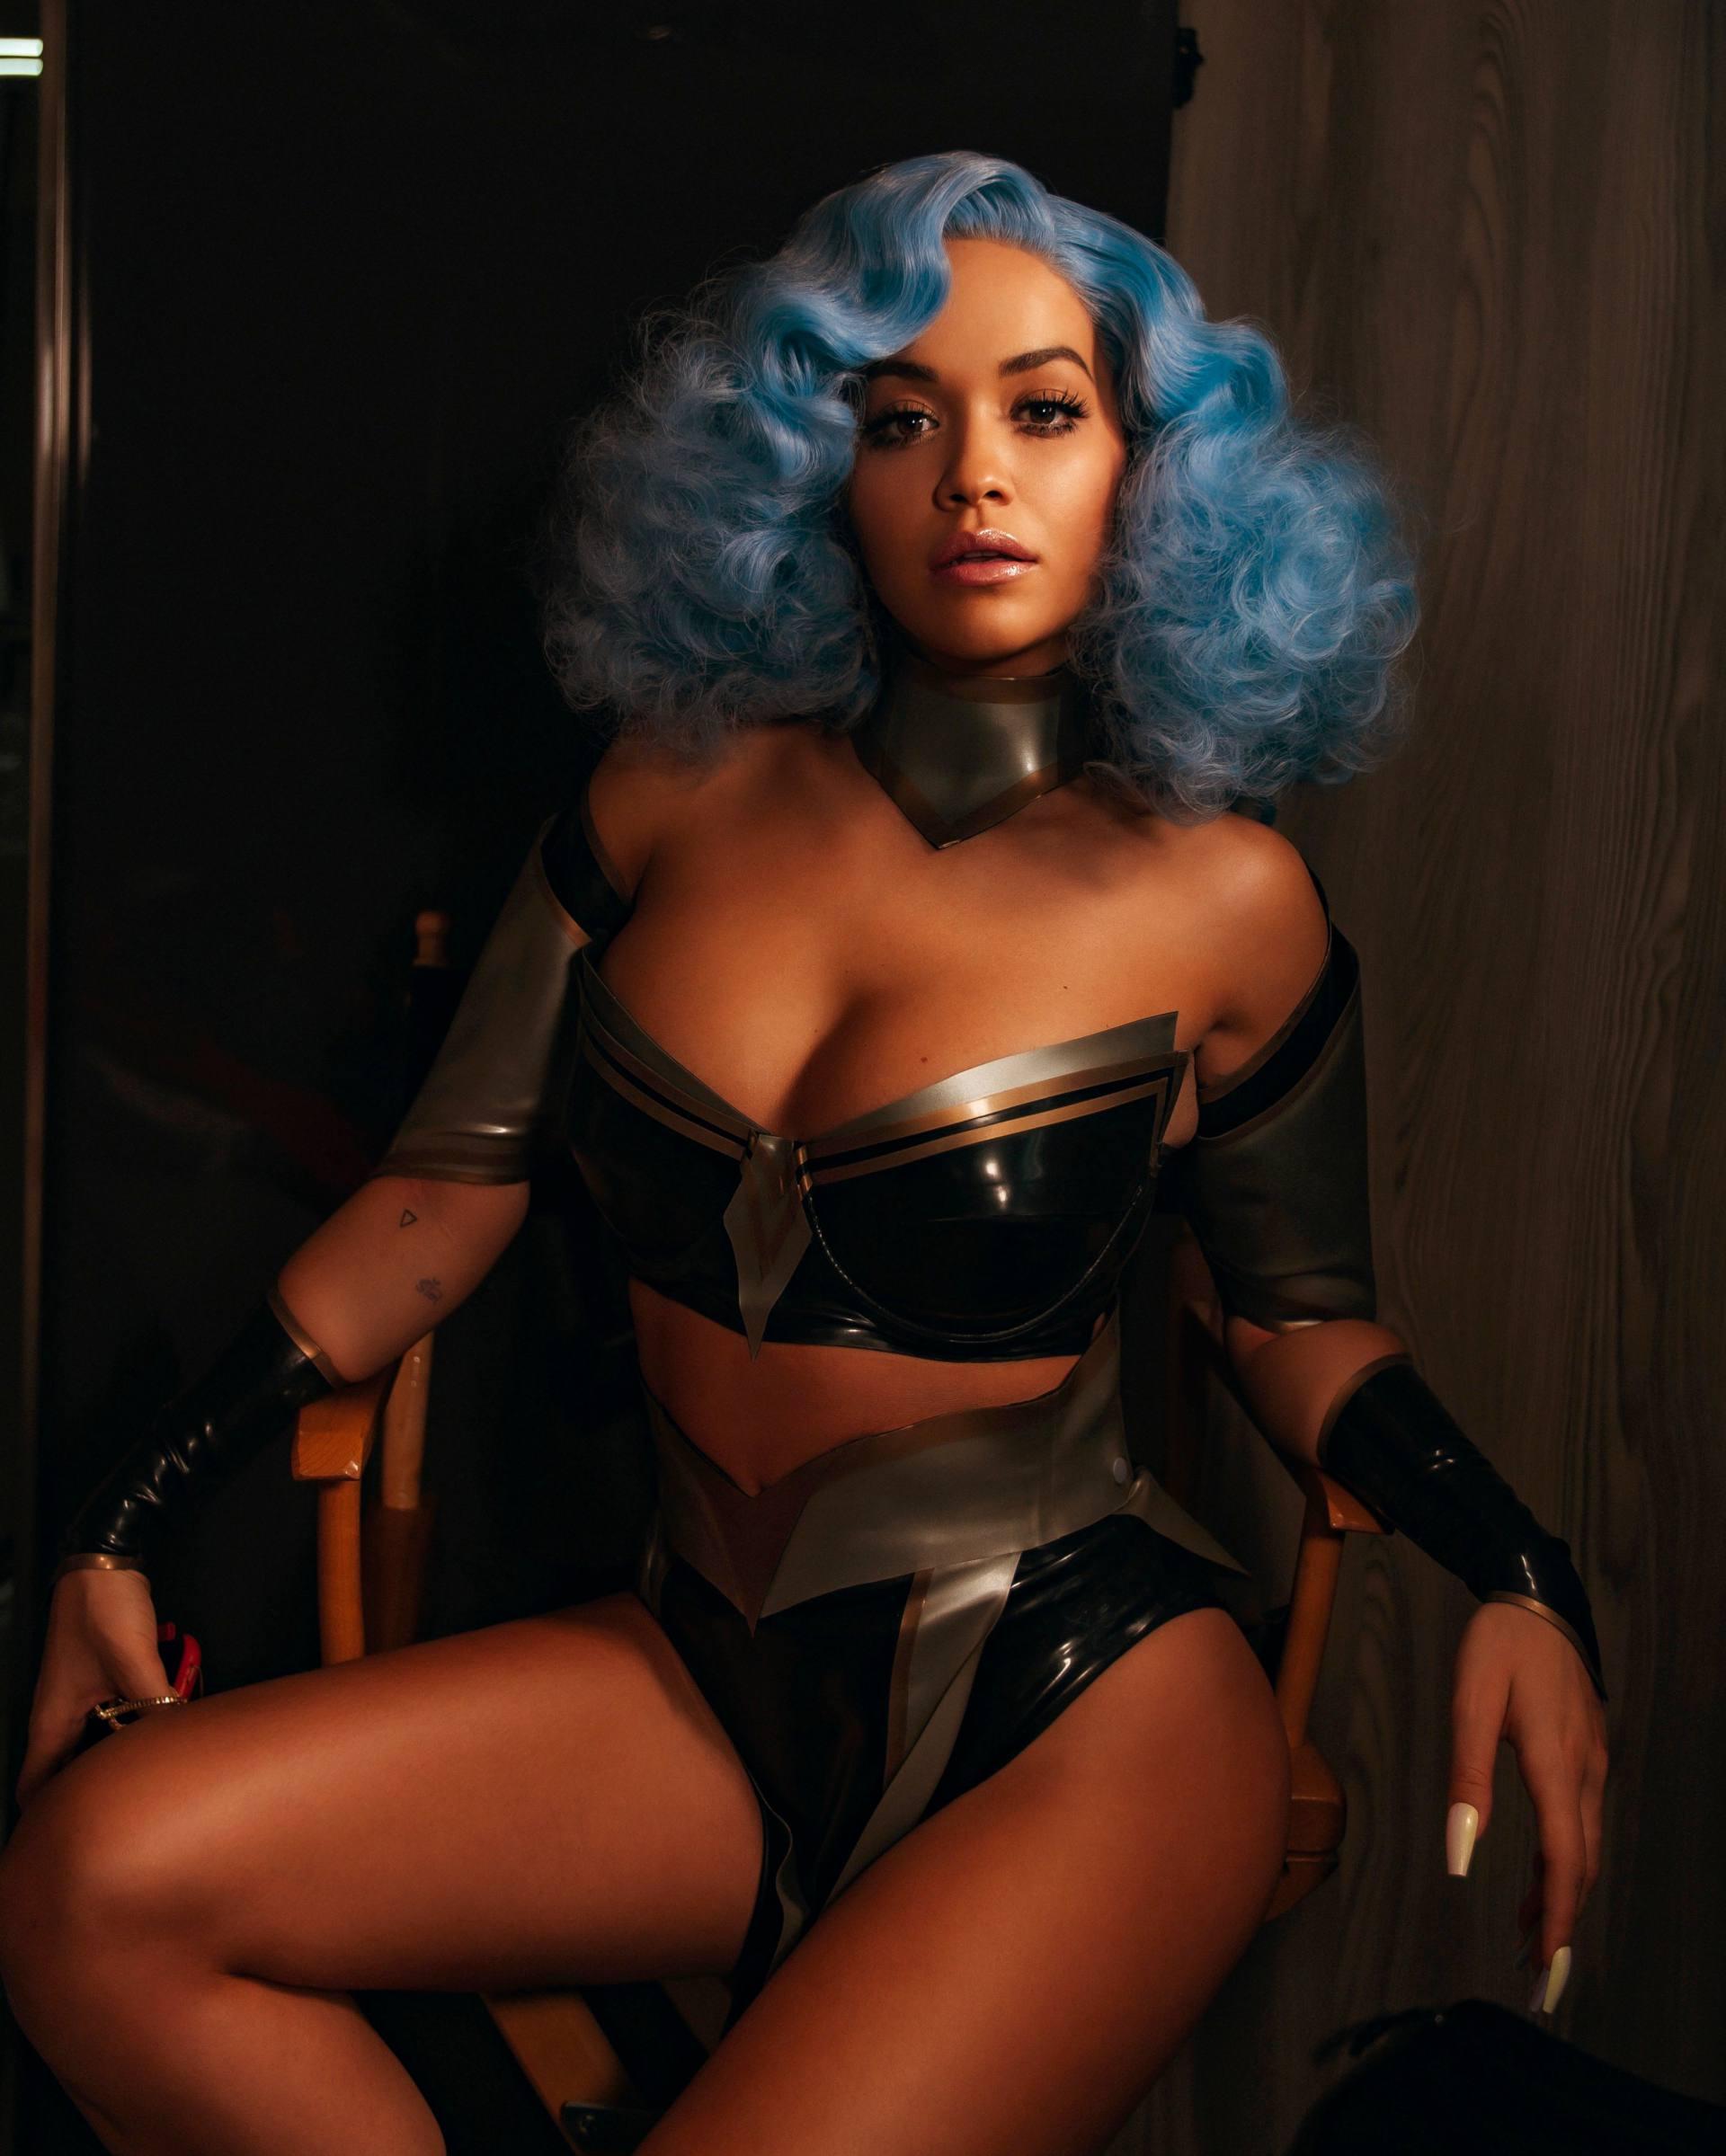 Rita Ora Sexy Boobs And Blue Hair